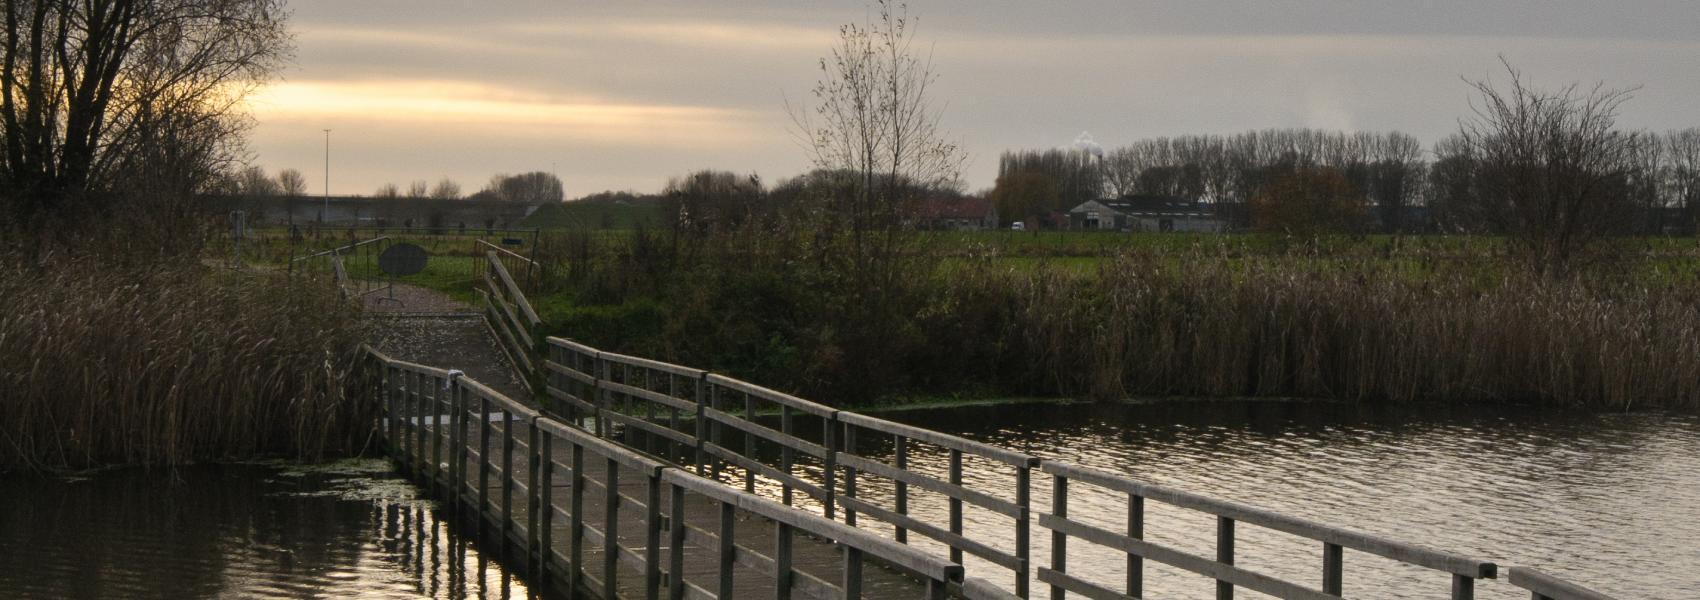 voetgangersbrug over het water